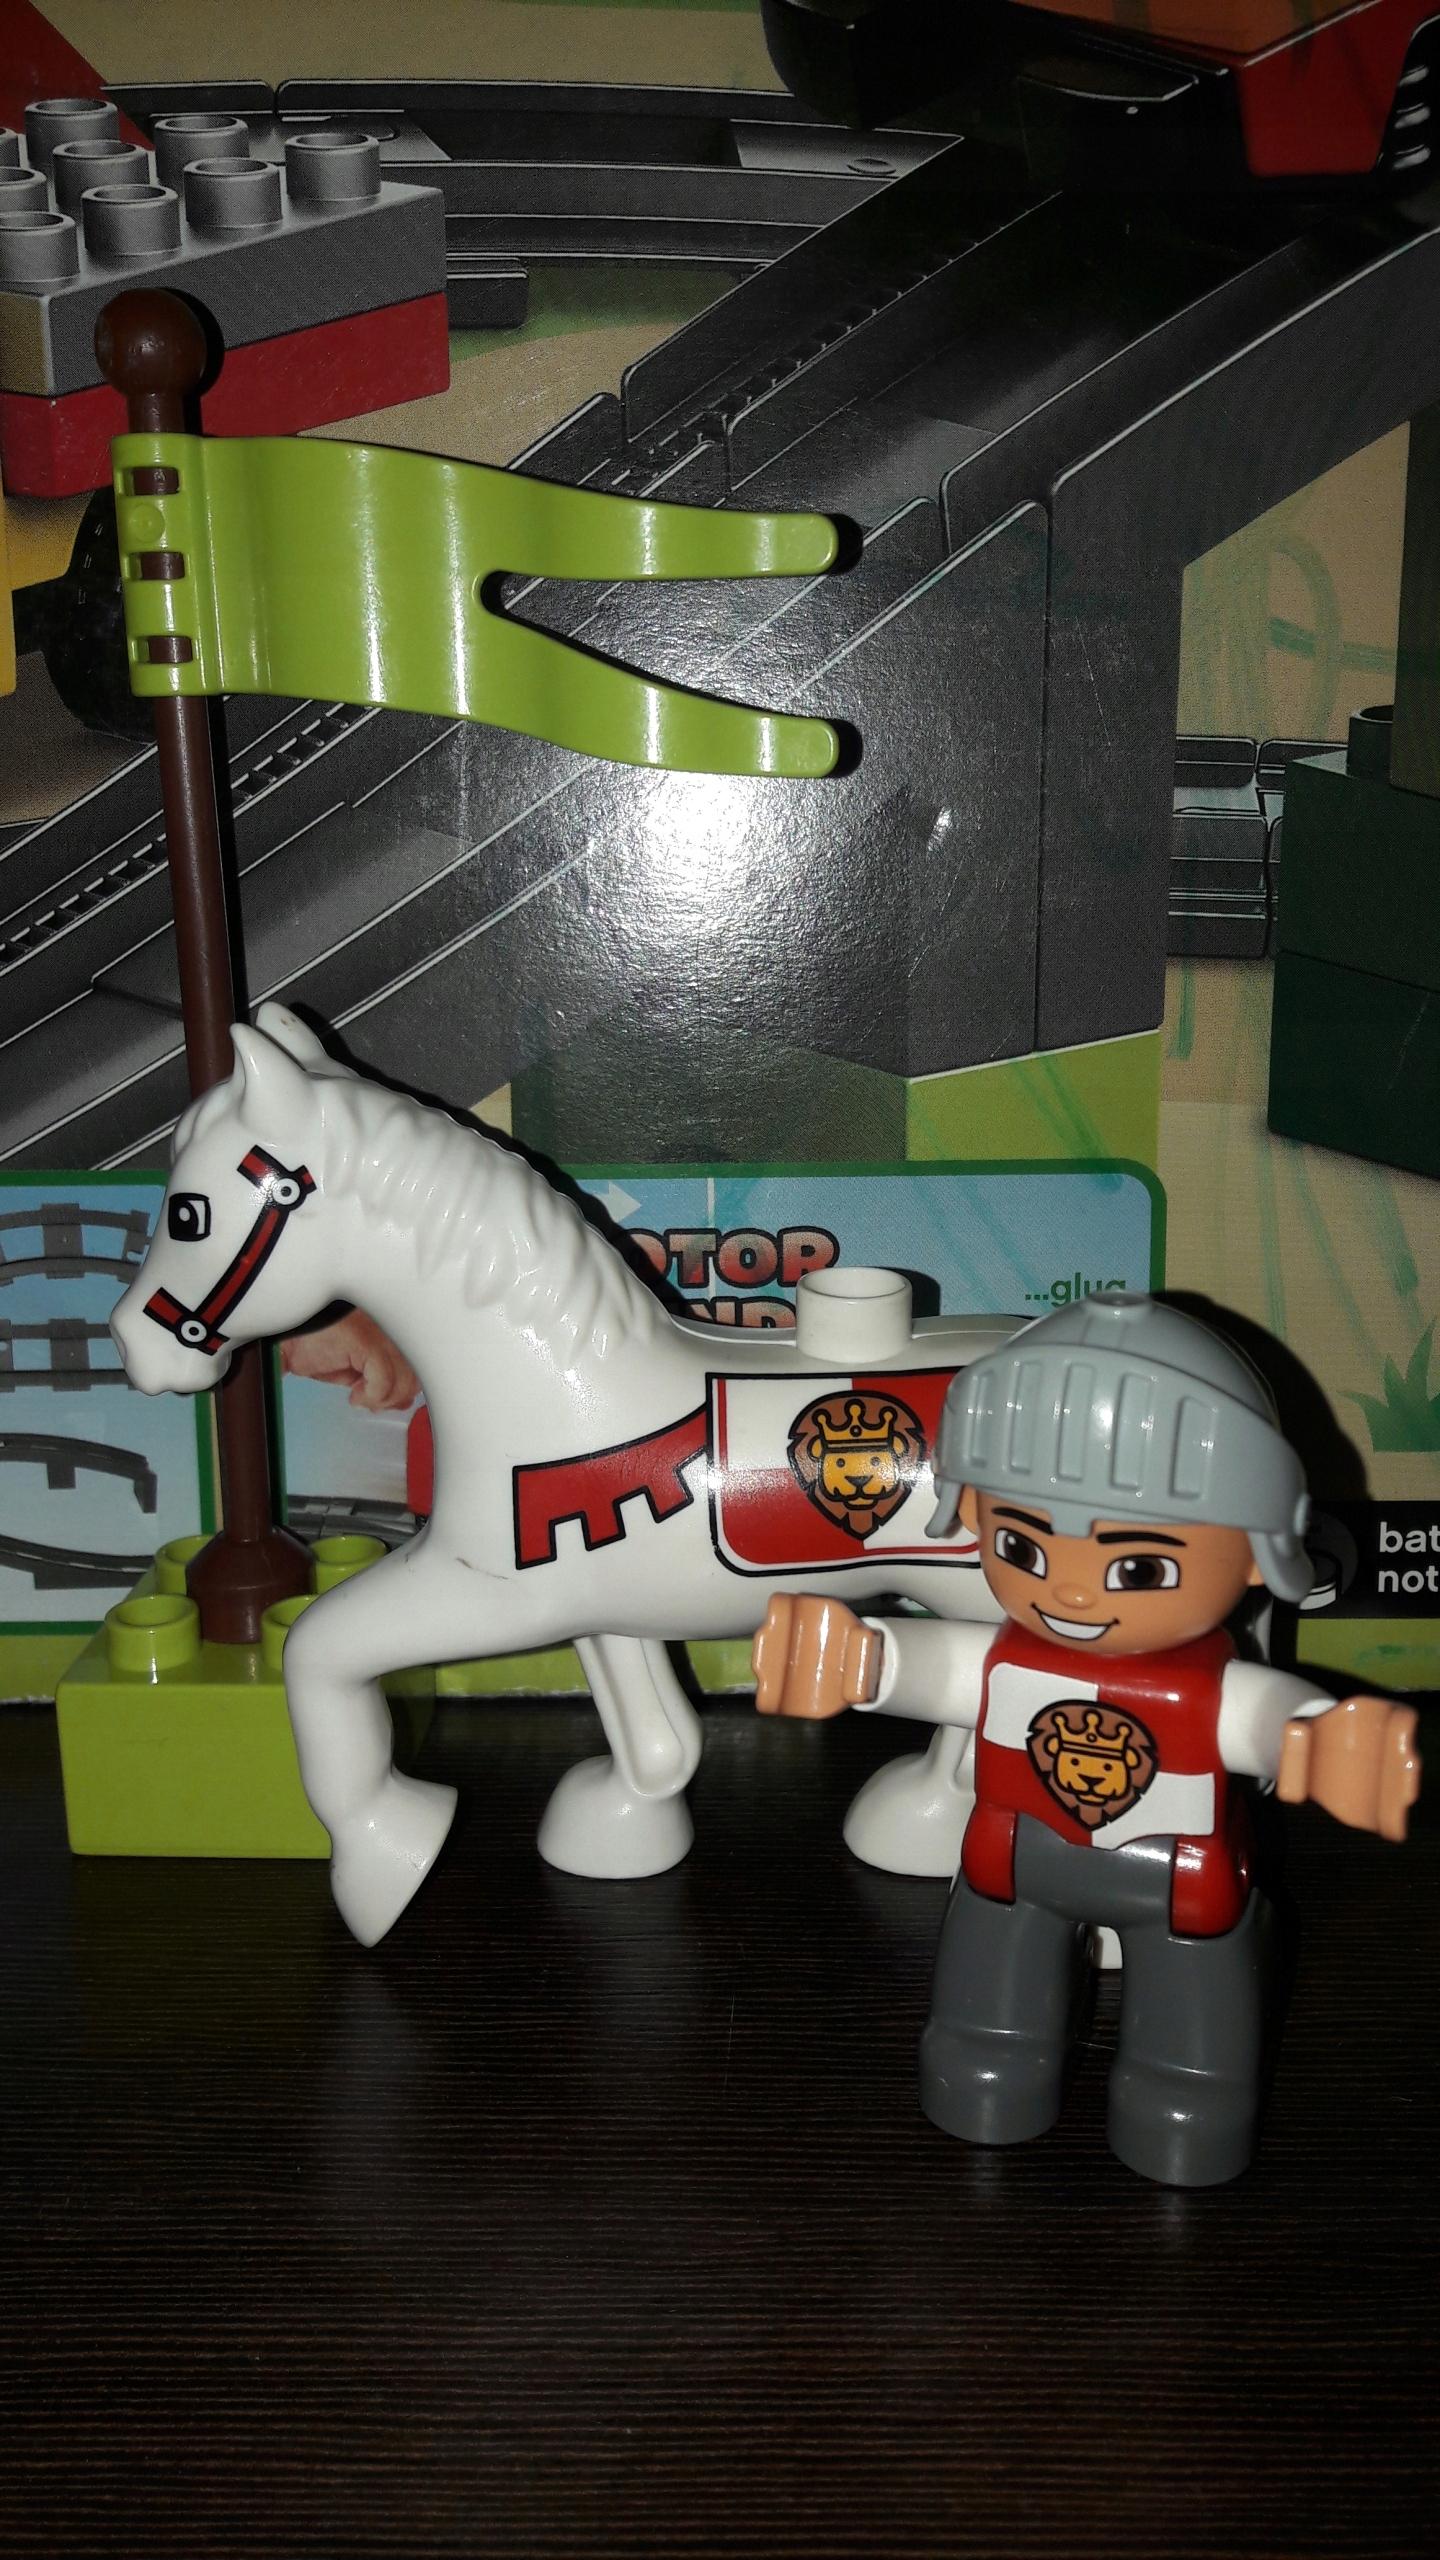 Klocki Lego Duplo Koń Rycerz Zamek 7591658823 Oficjalne Archiwum